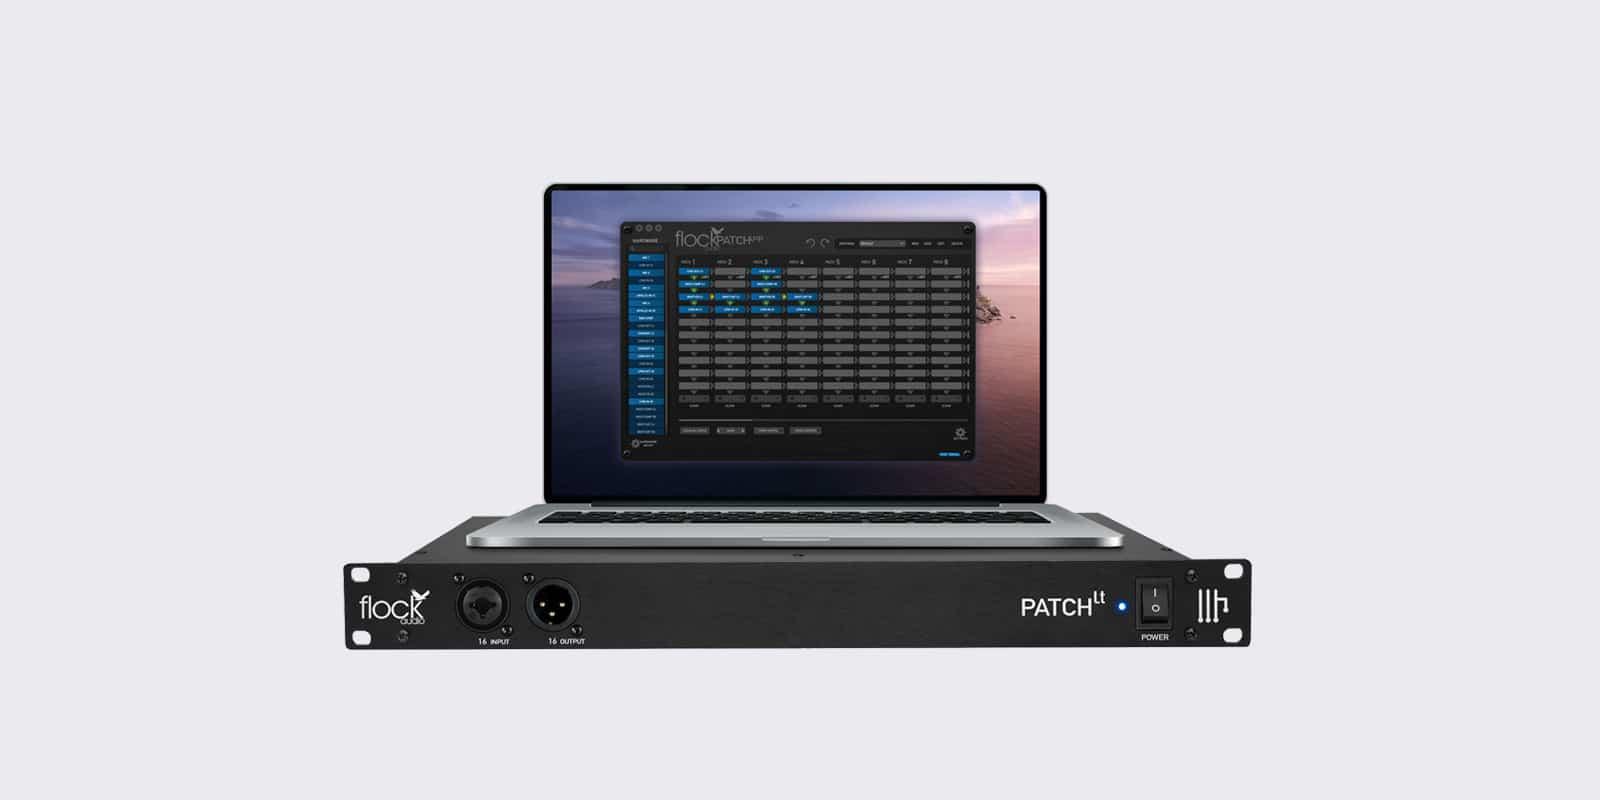 Flock Audio Patch LT